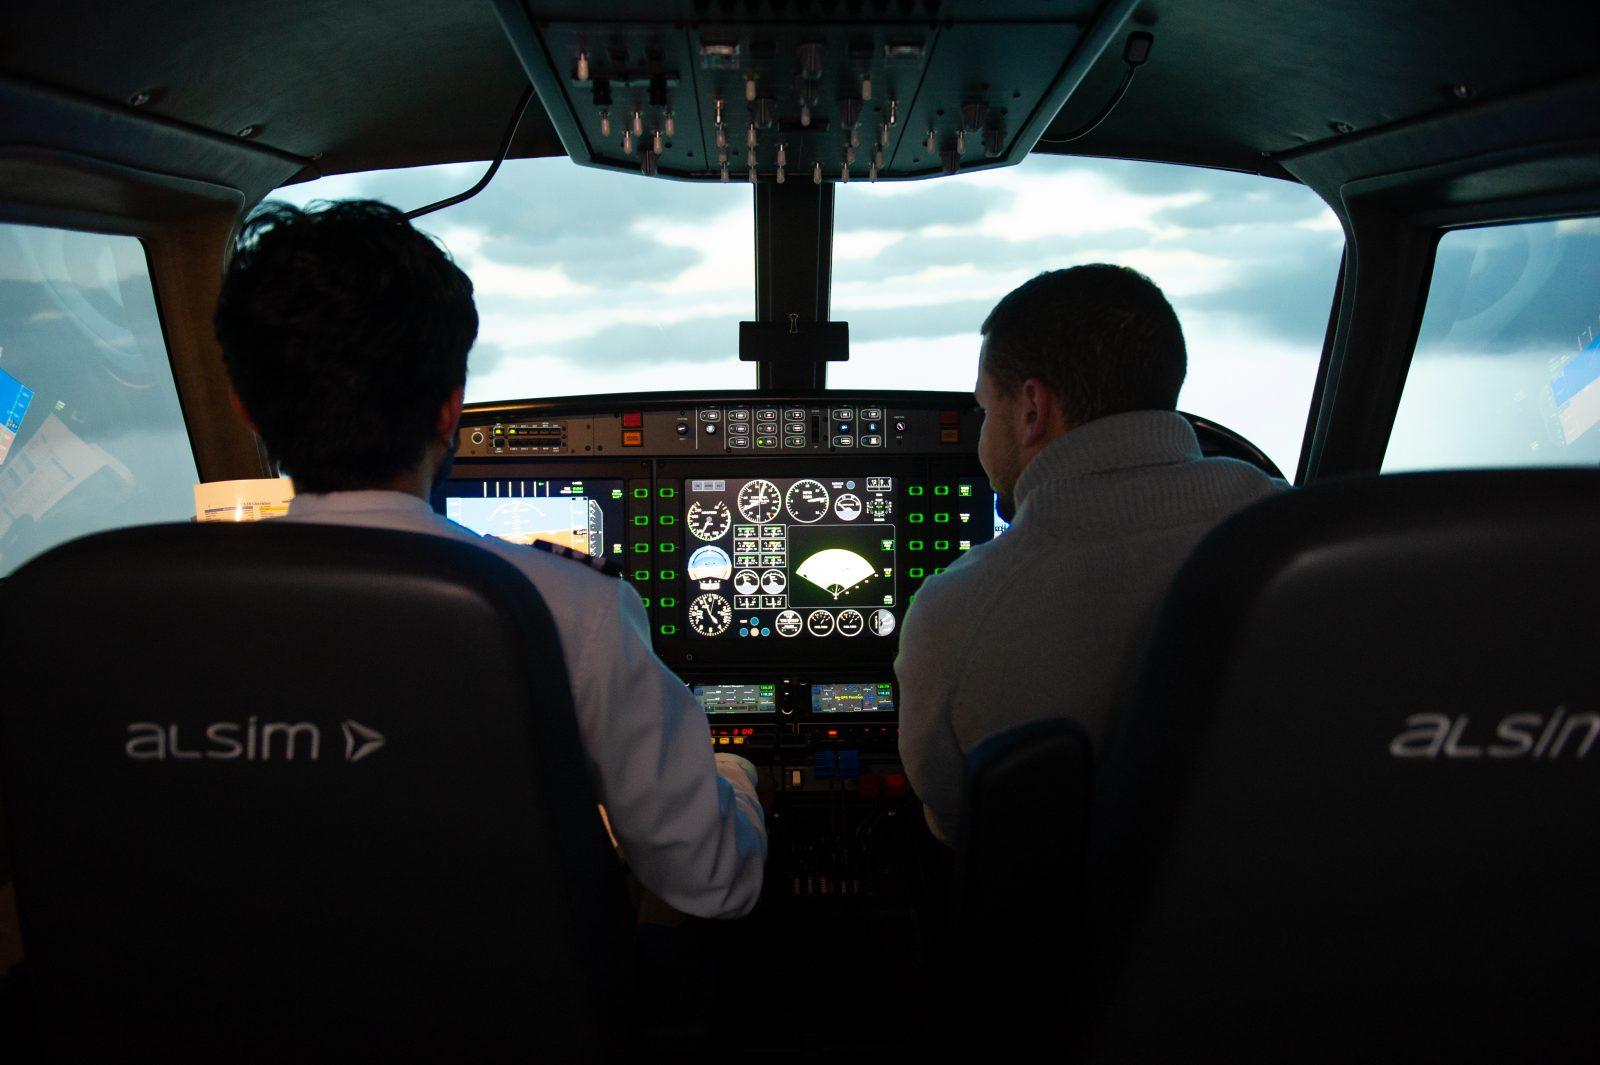 Des projets d'expansion pour Select Aviation